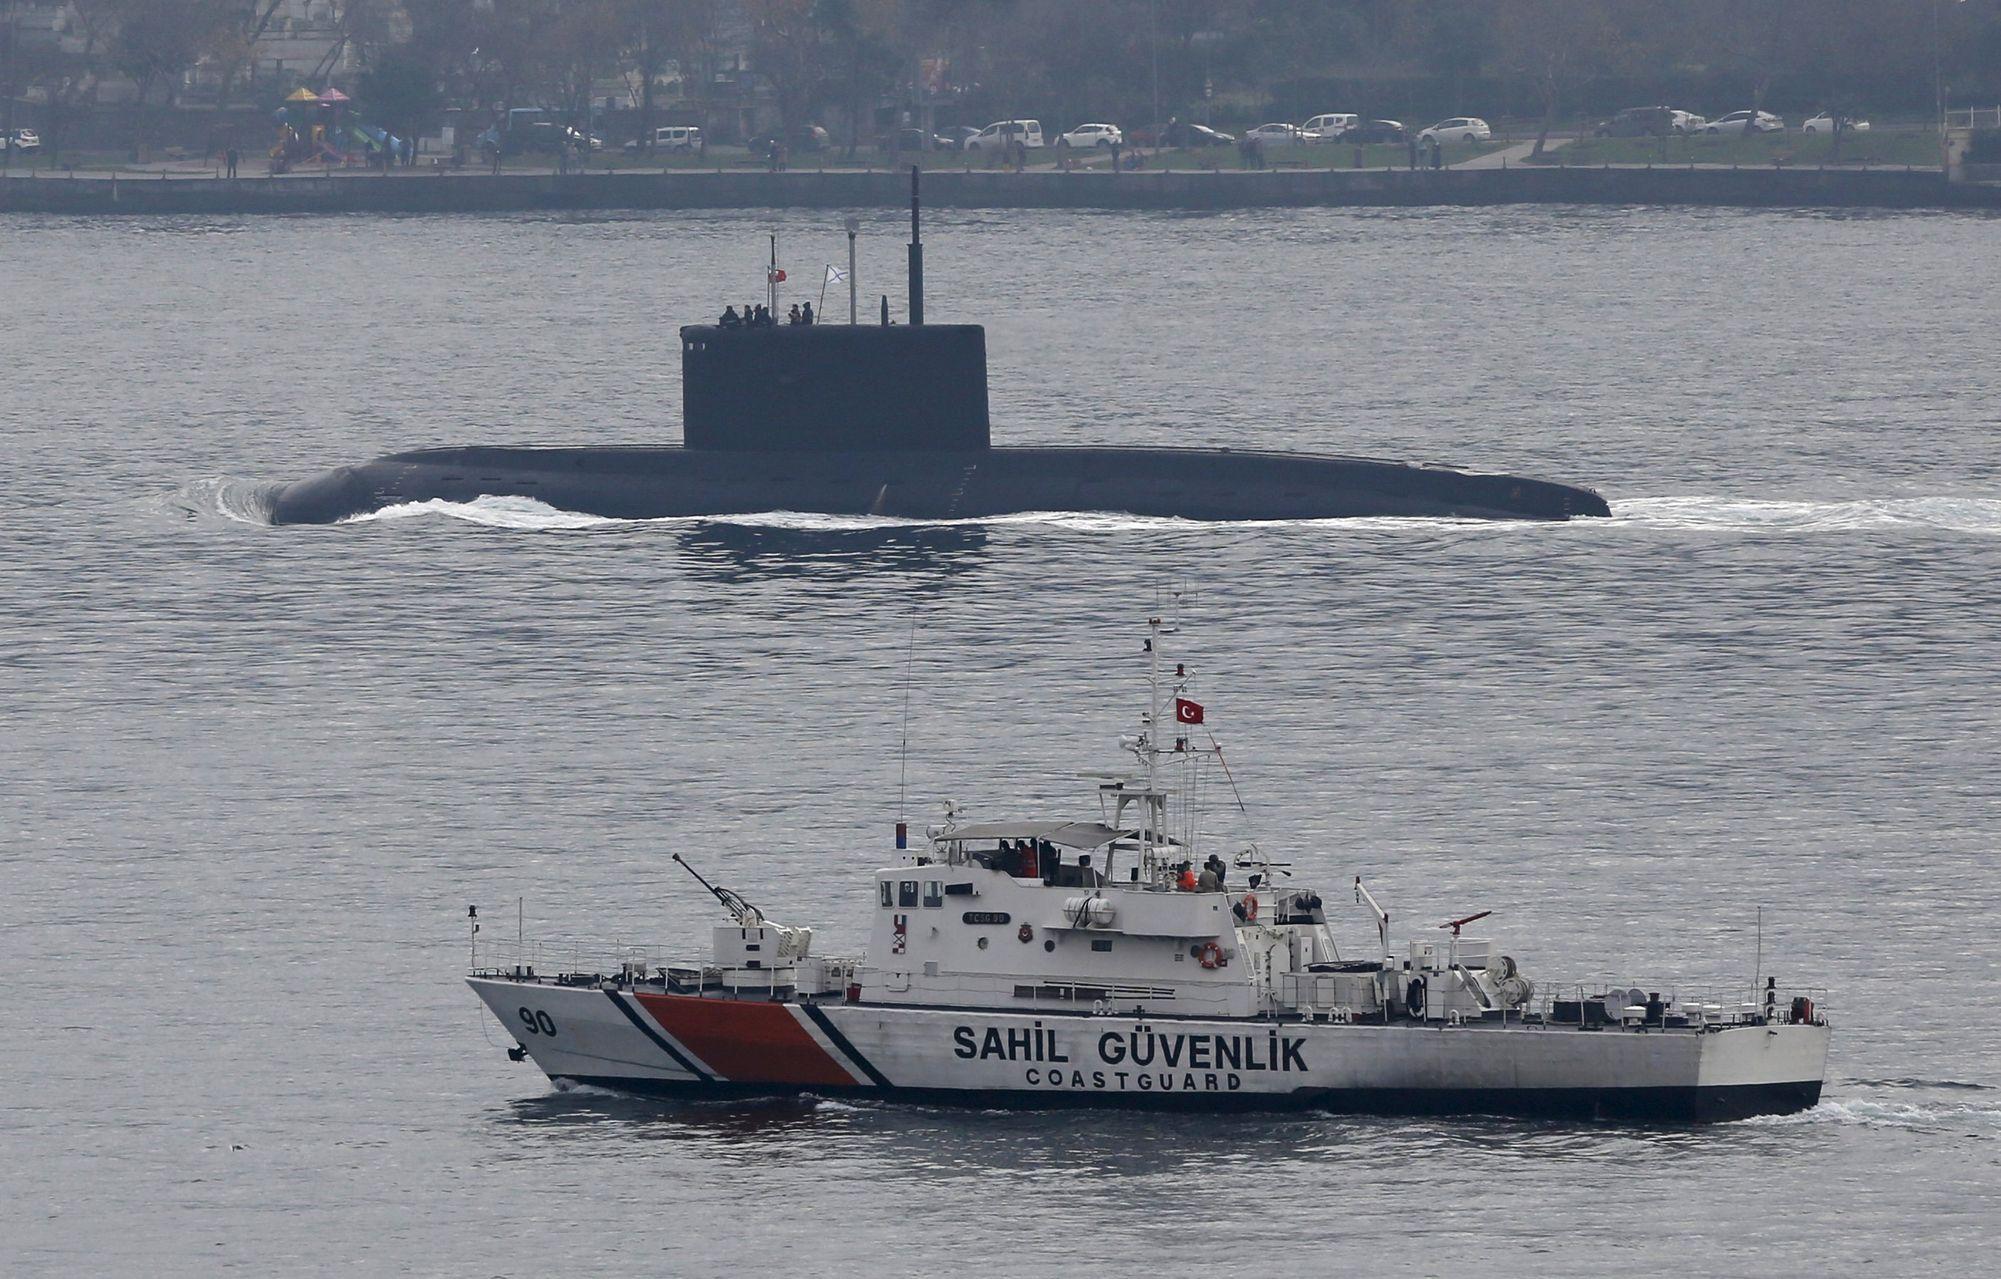 Turecko vybuduje kanál mezi Černým a Marmarským mořem, stavět začne ještě letos